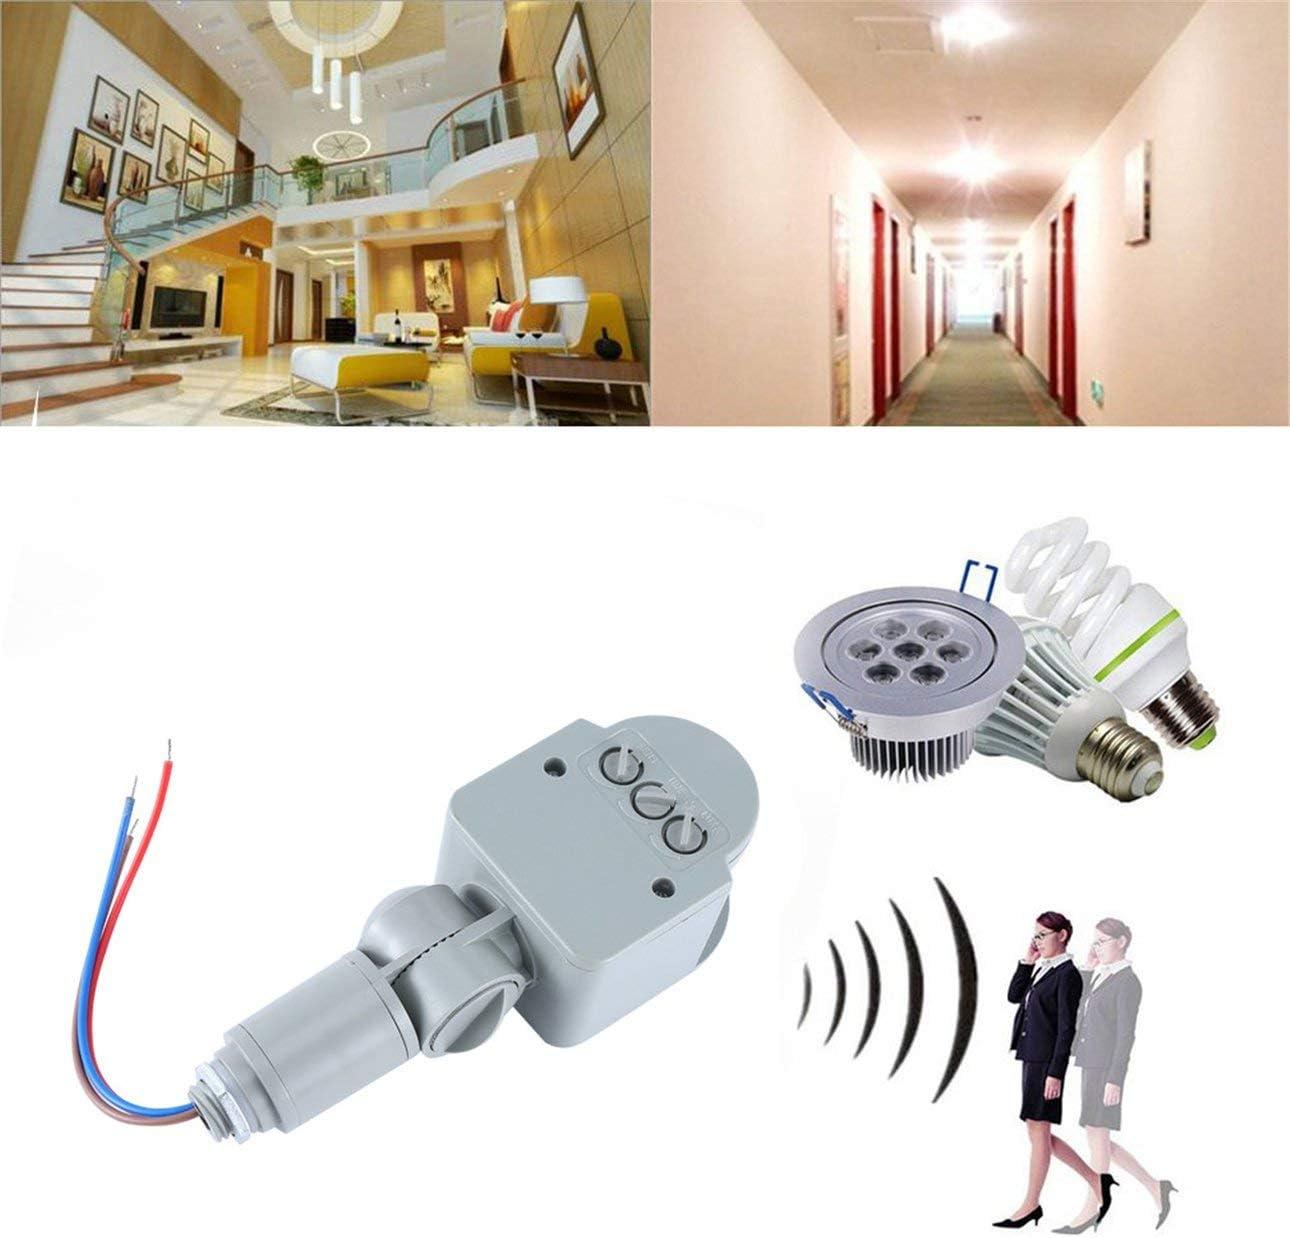 Ba30DEllylelly Interruptor de luz con Sensor de movimiento profesional para exteriores AC 220V Interruptor de Sensor de movimiento PIR infrarrojo autom/ático con luz LED